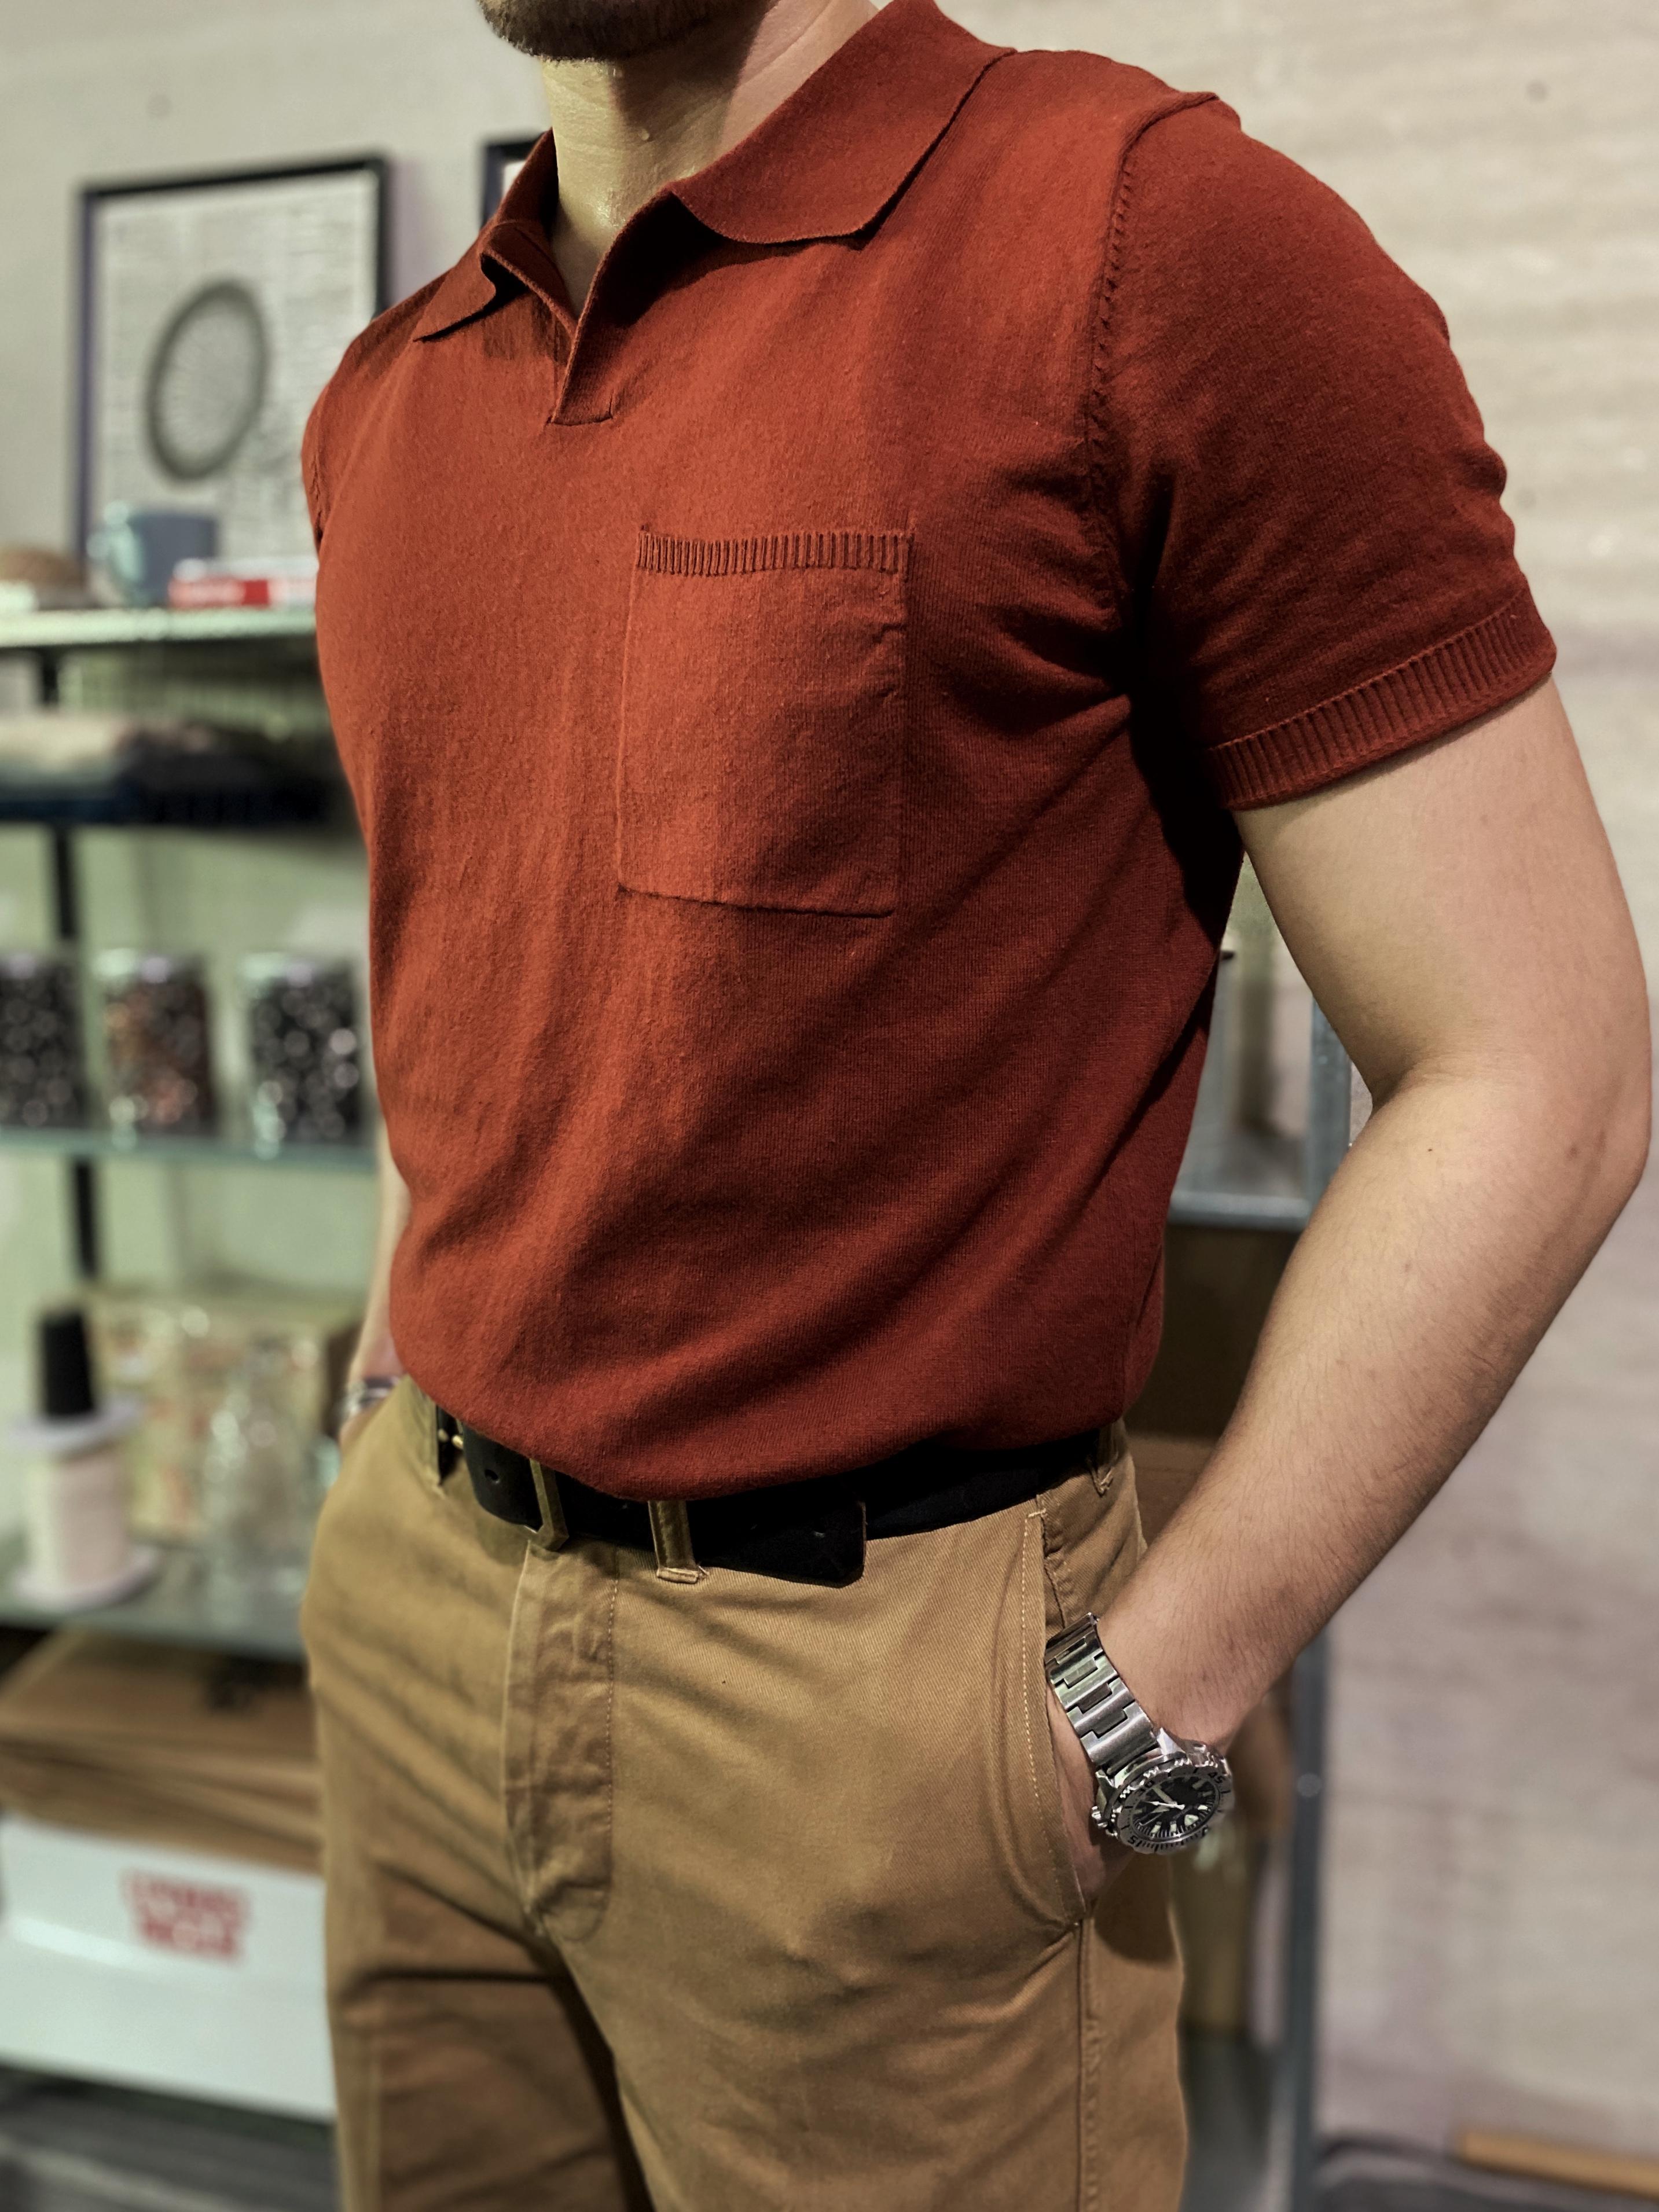 中國代購 中國批發-ibuy99 polo������ 柴米意式马球Polo衫knit shirt美式复古纯棉针织T恤阿美咔叽夏季